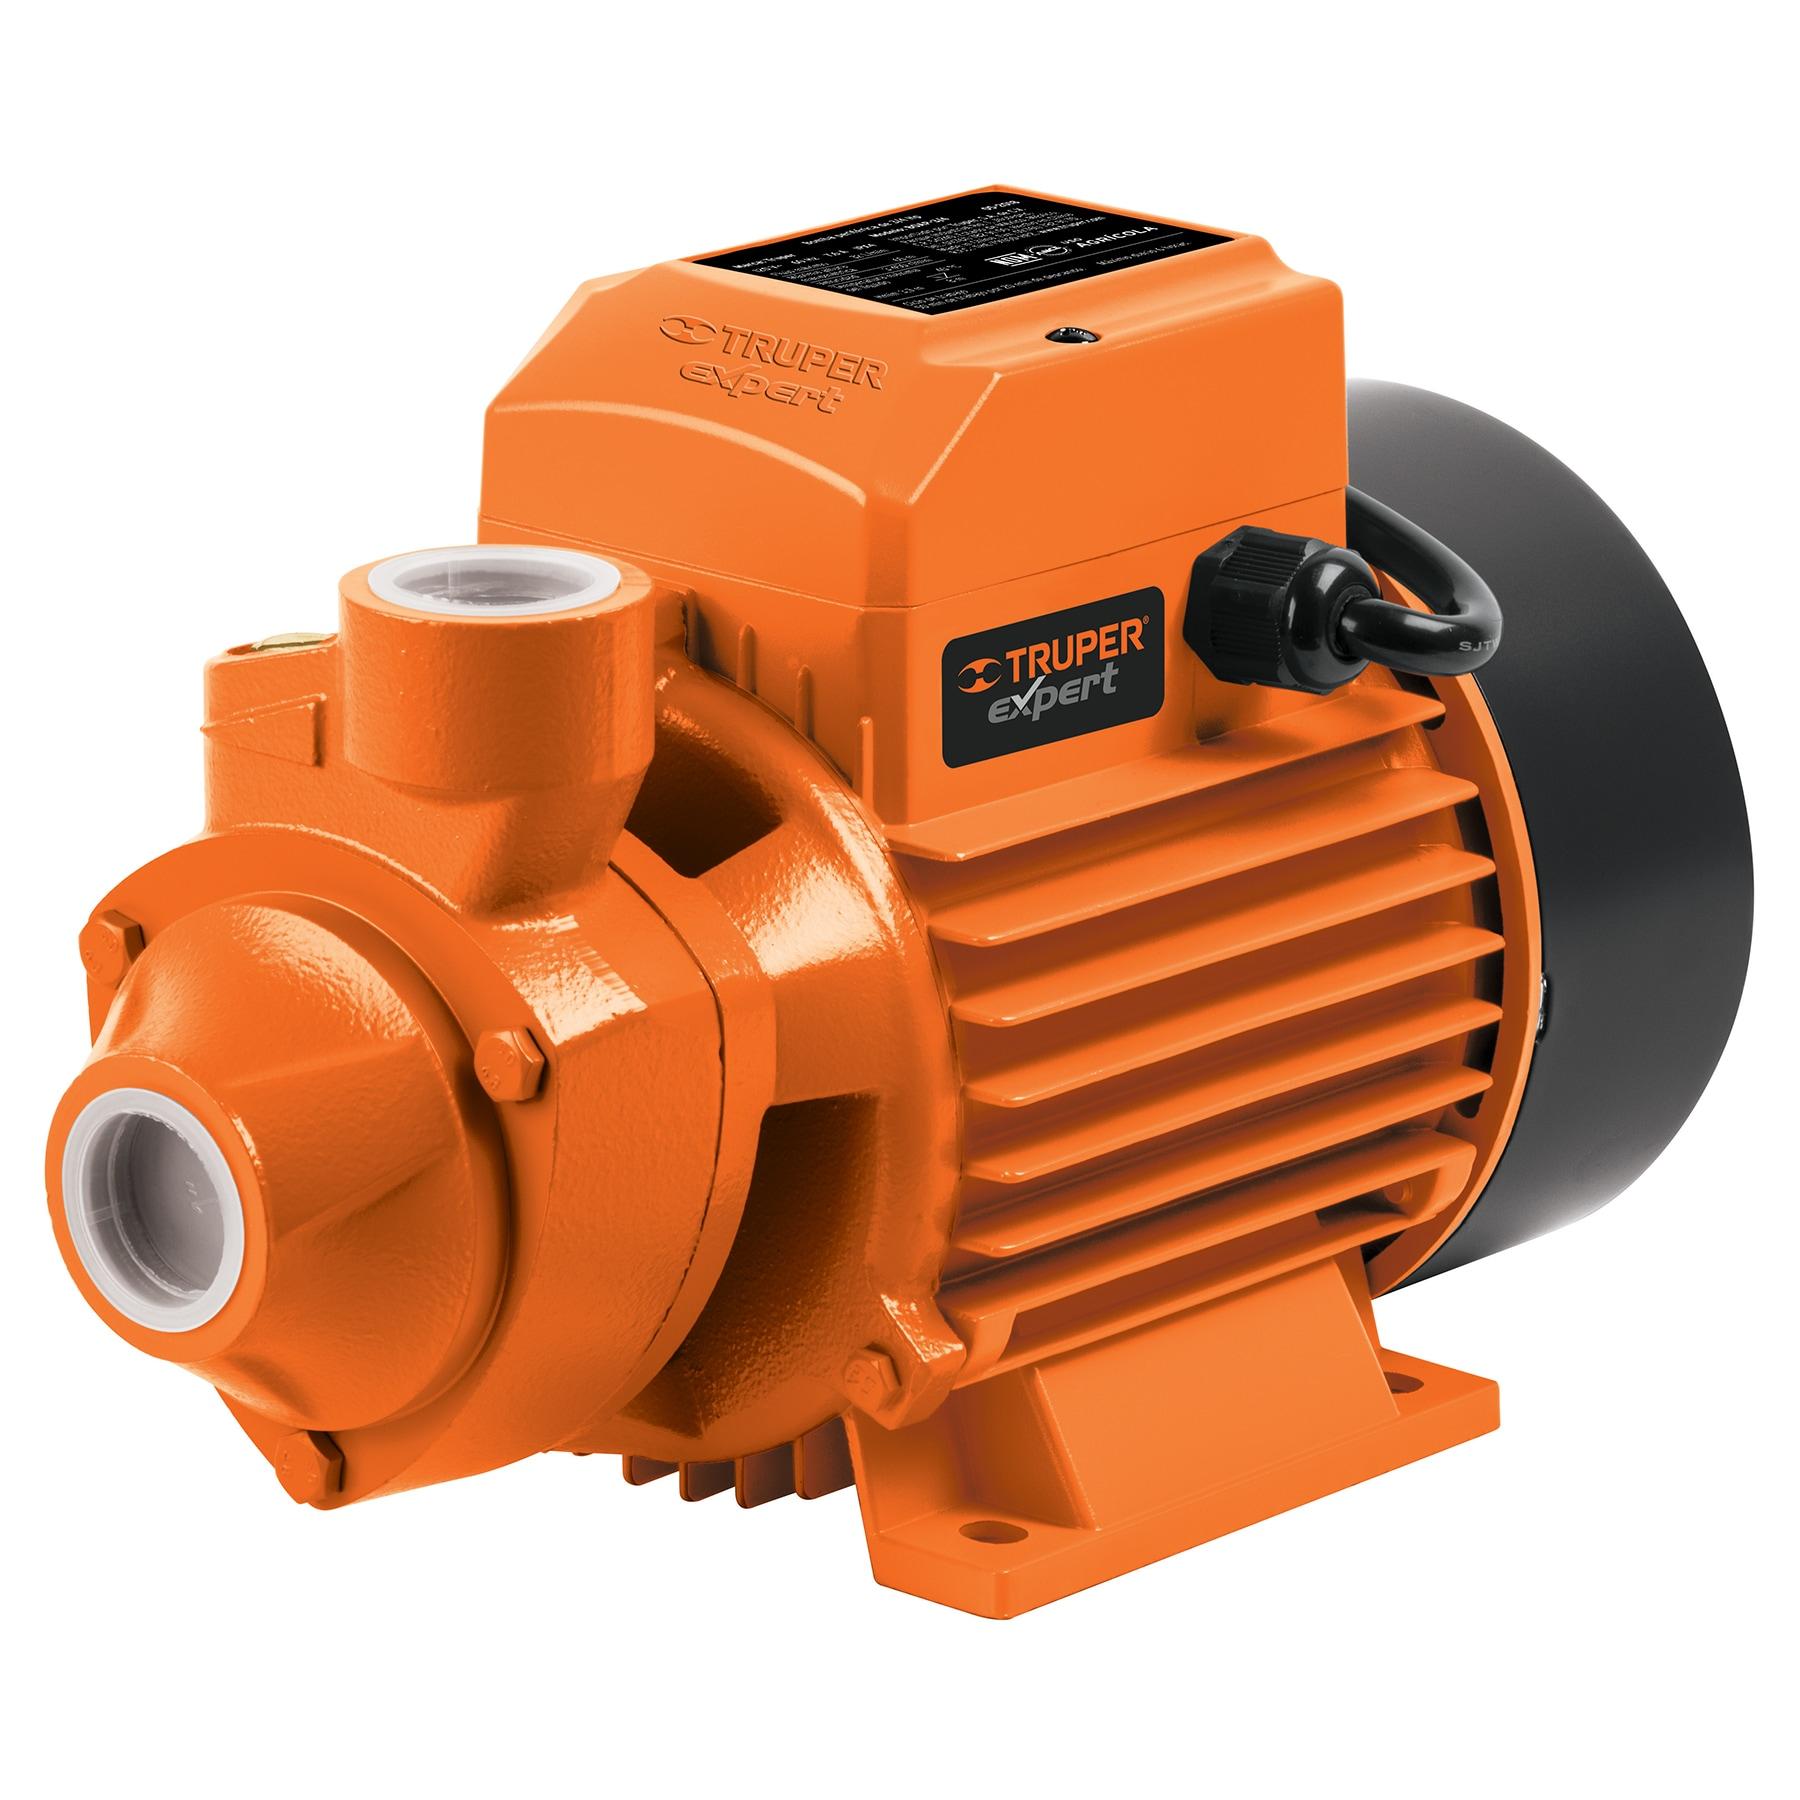 Bomba eléctrica periférica para agua 3/4 HP, Truper Expert